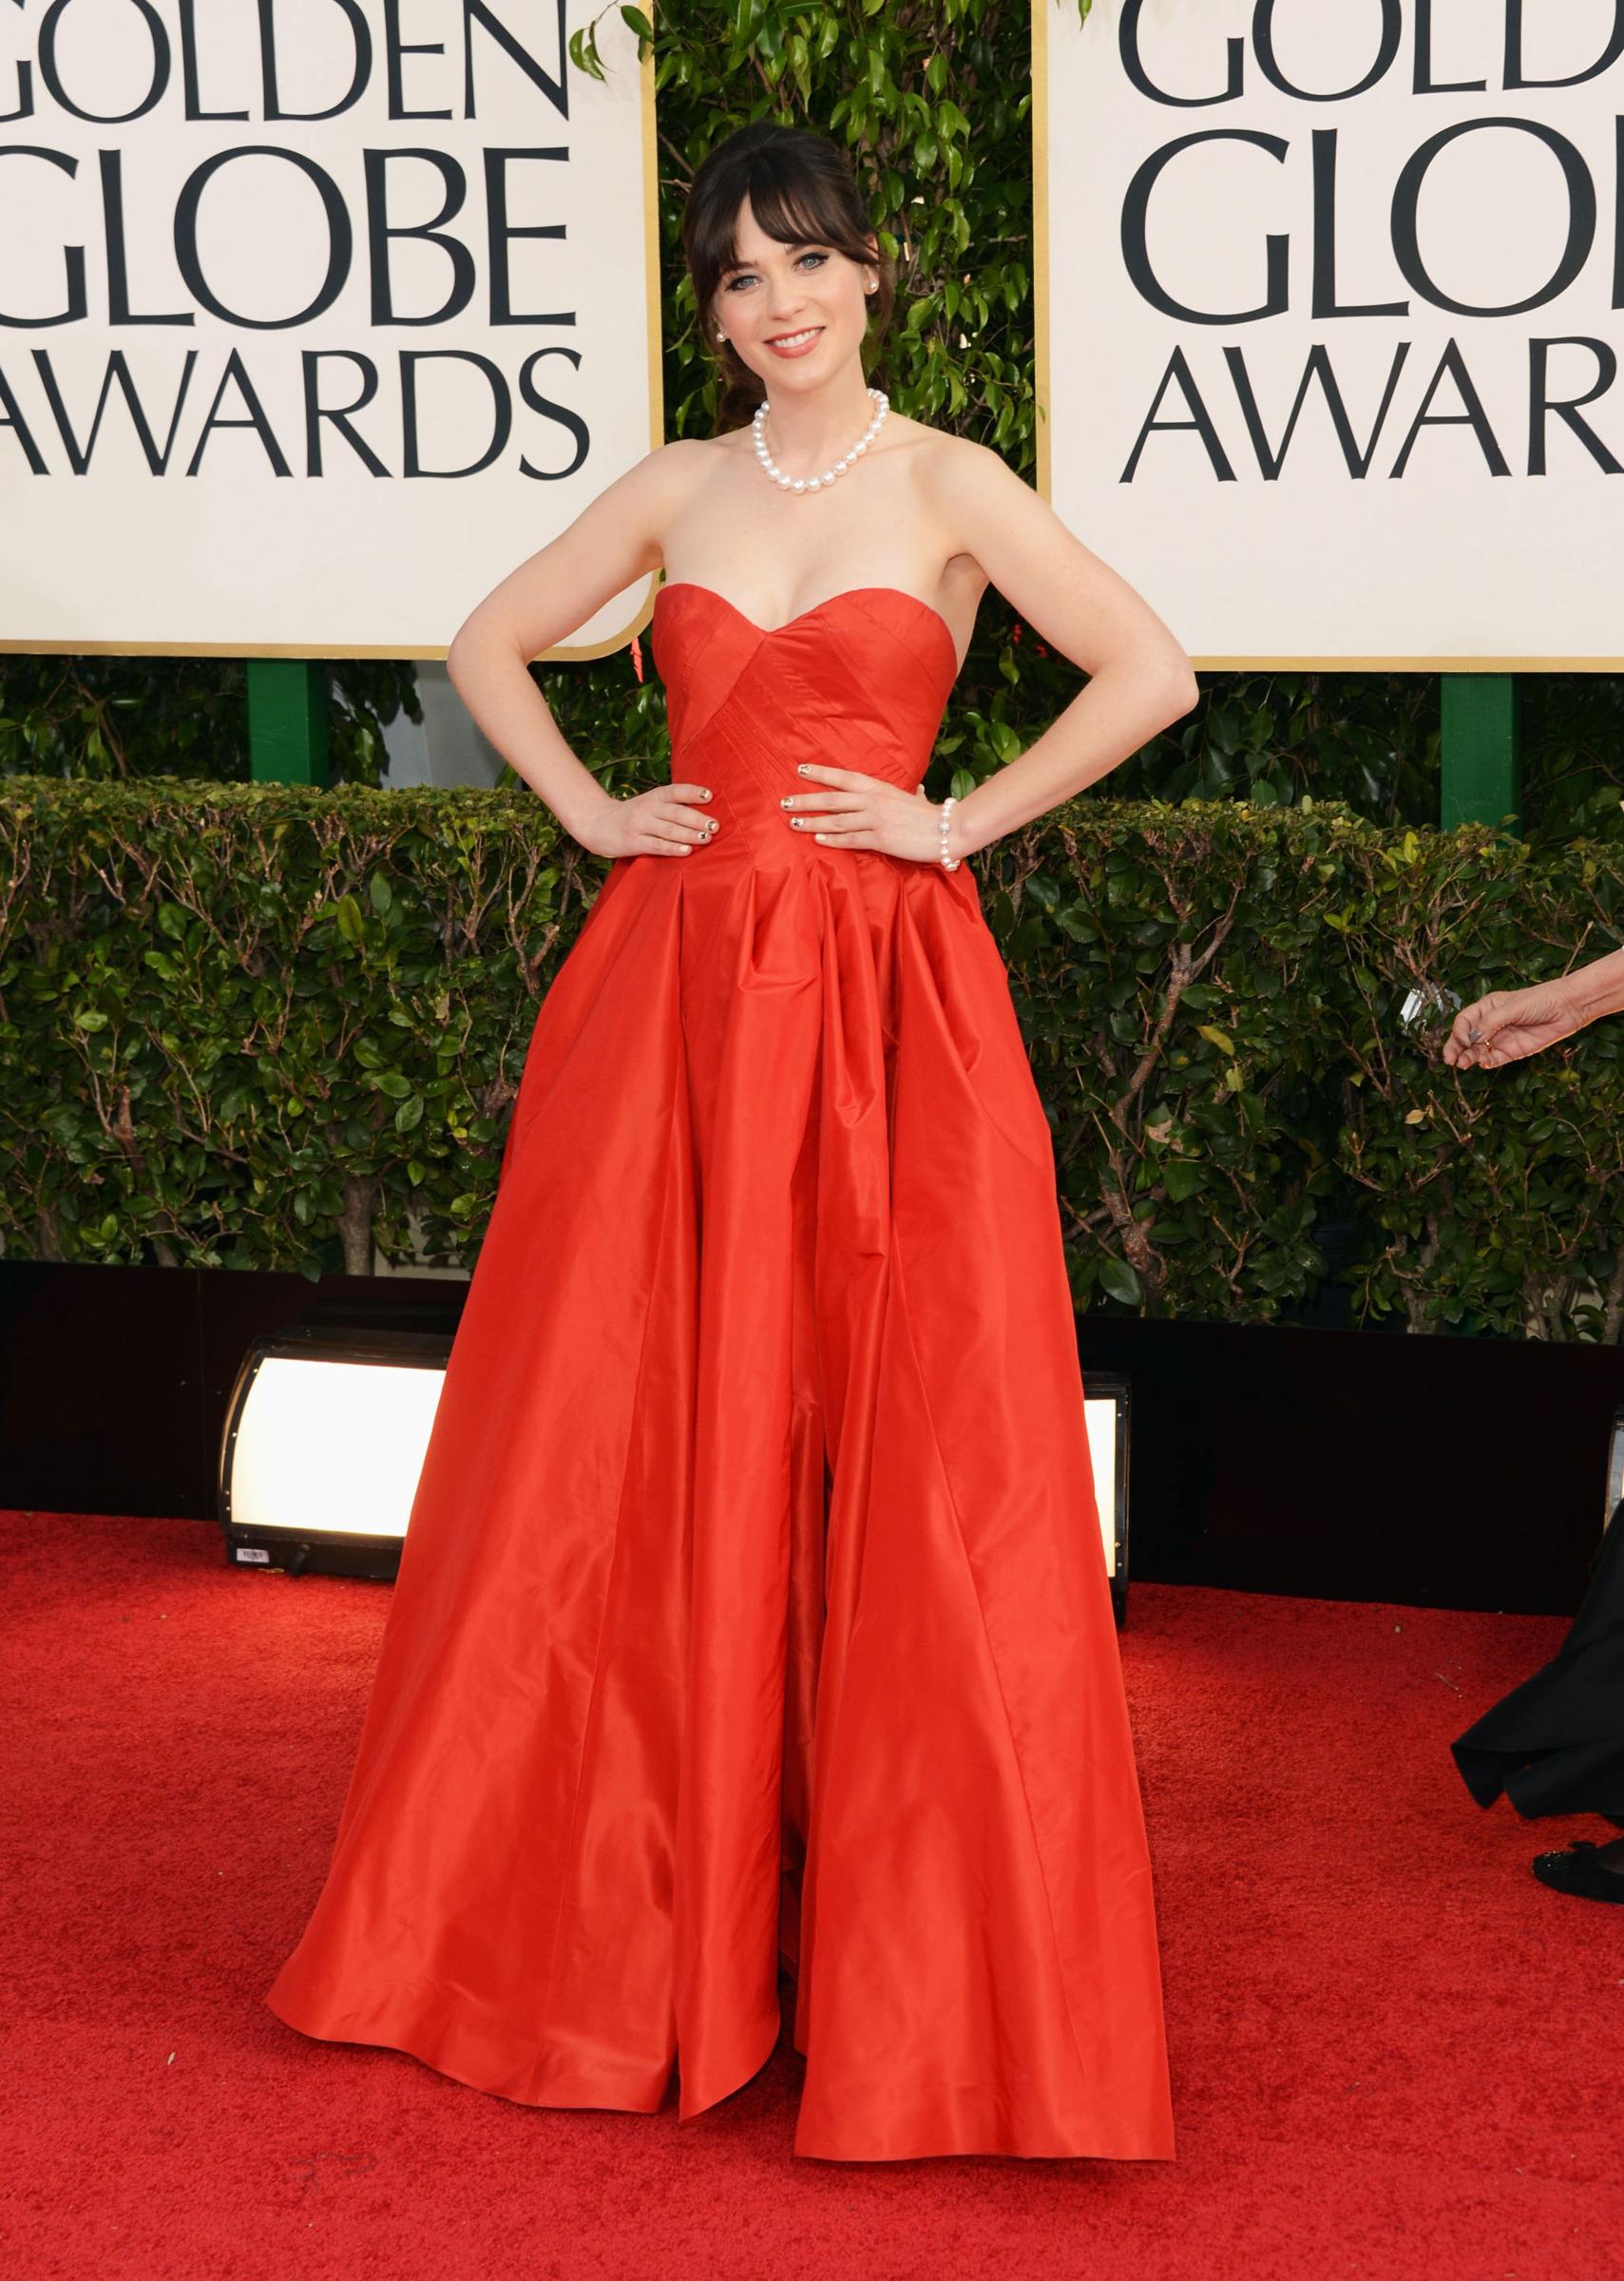 vestido-para-madrinha-decasamento-golden-globe5